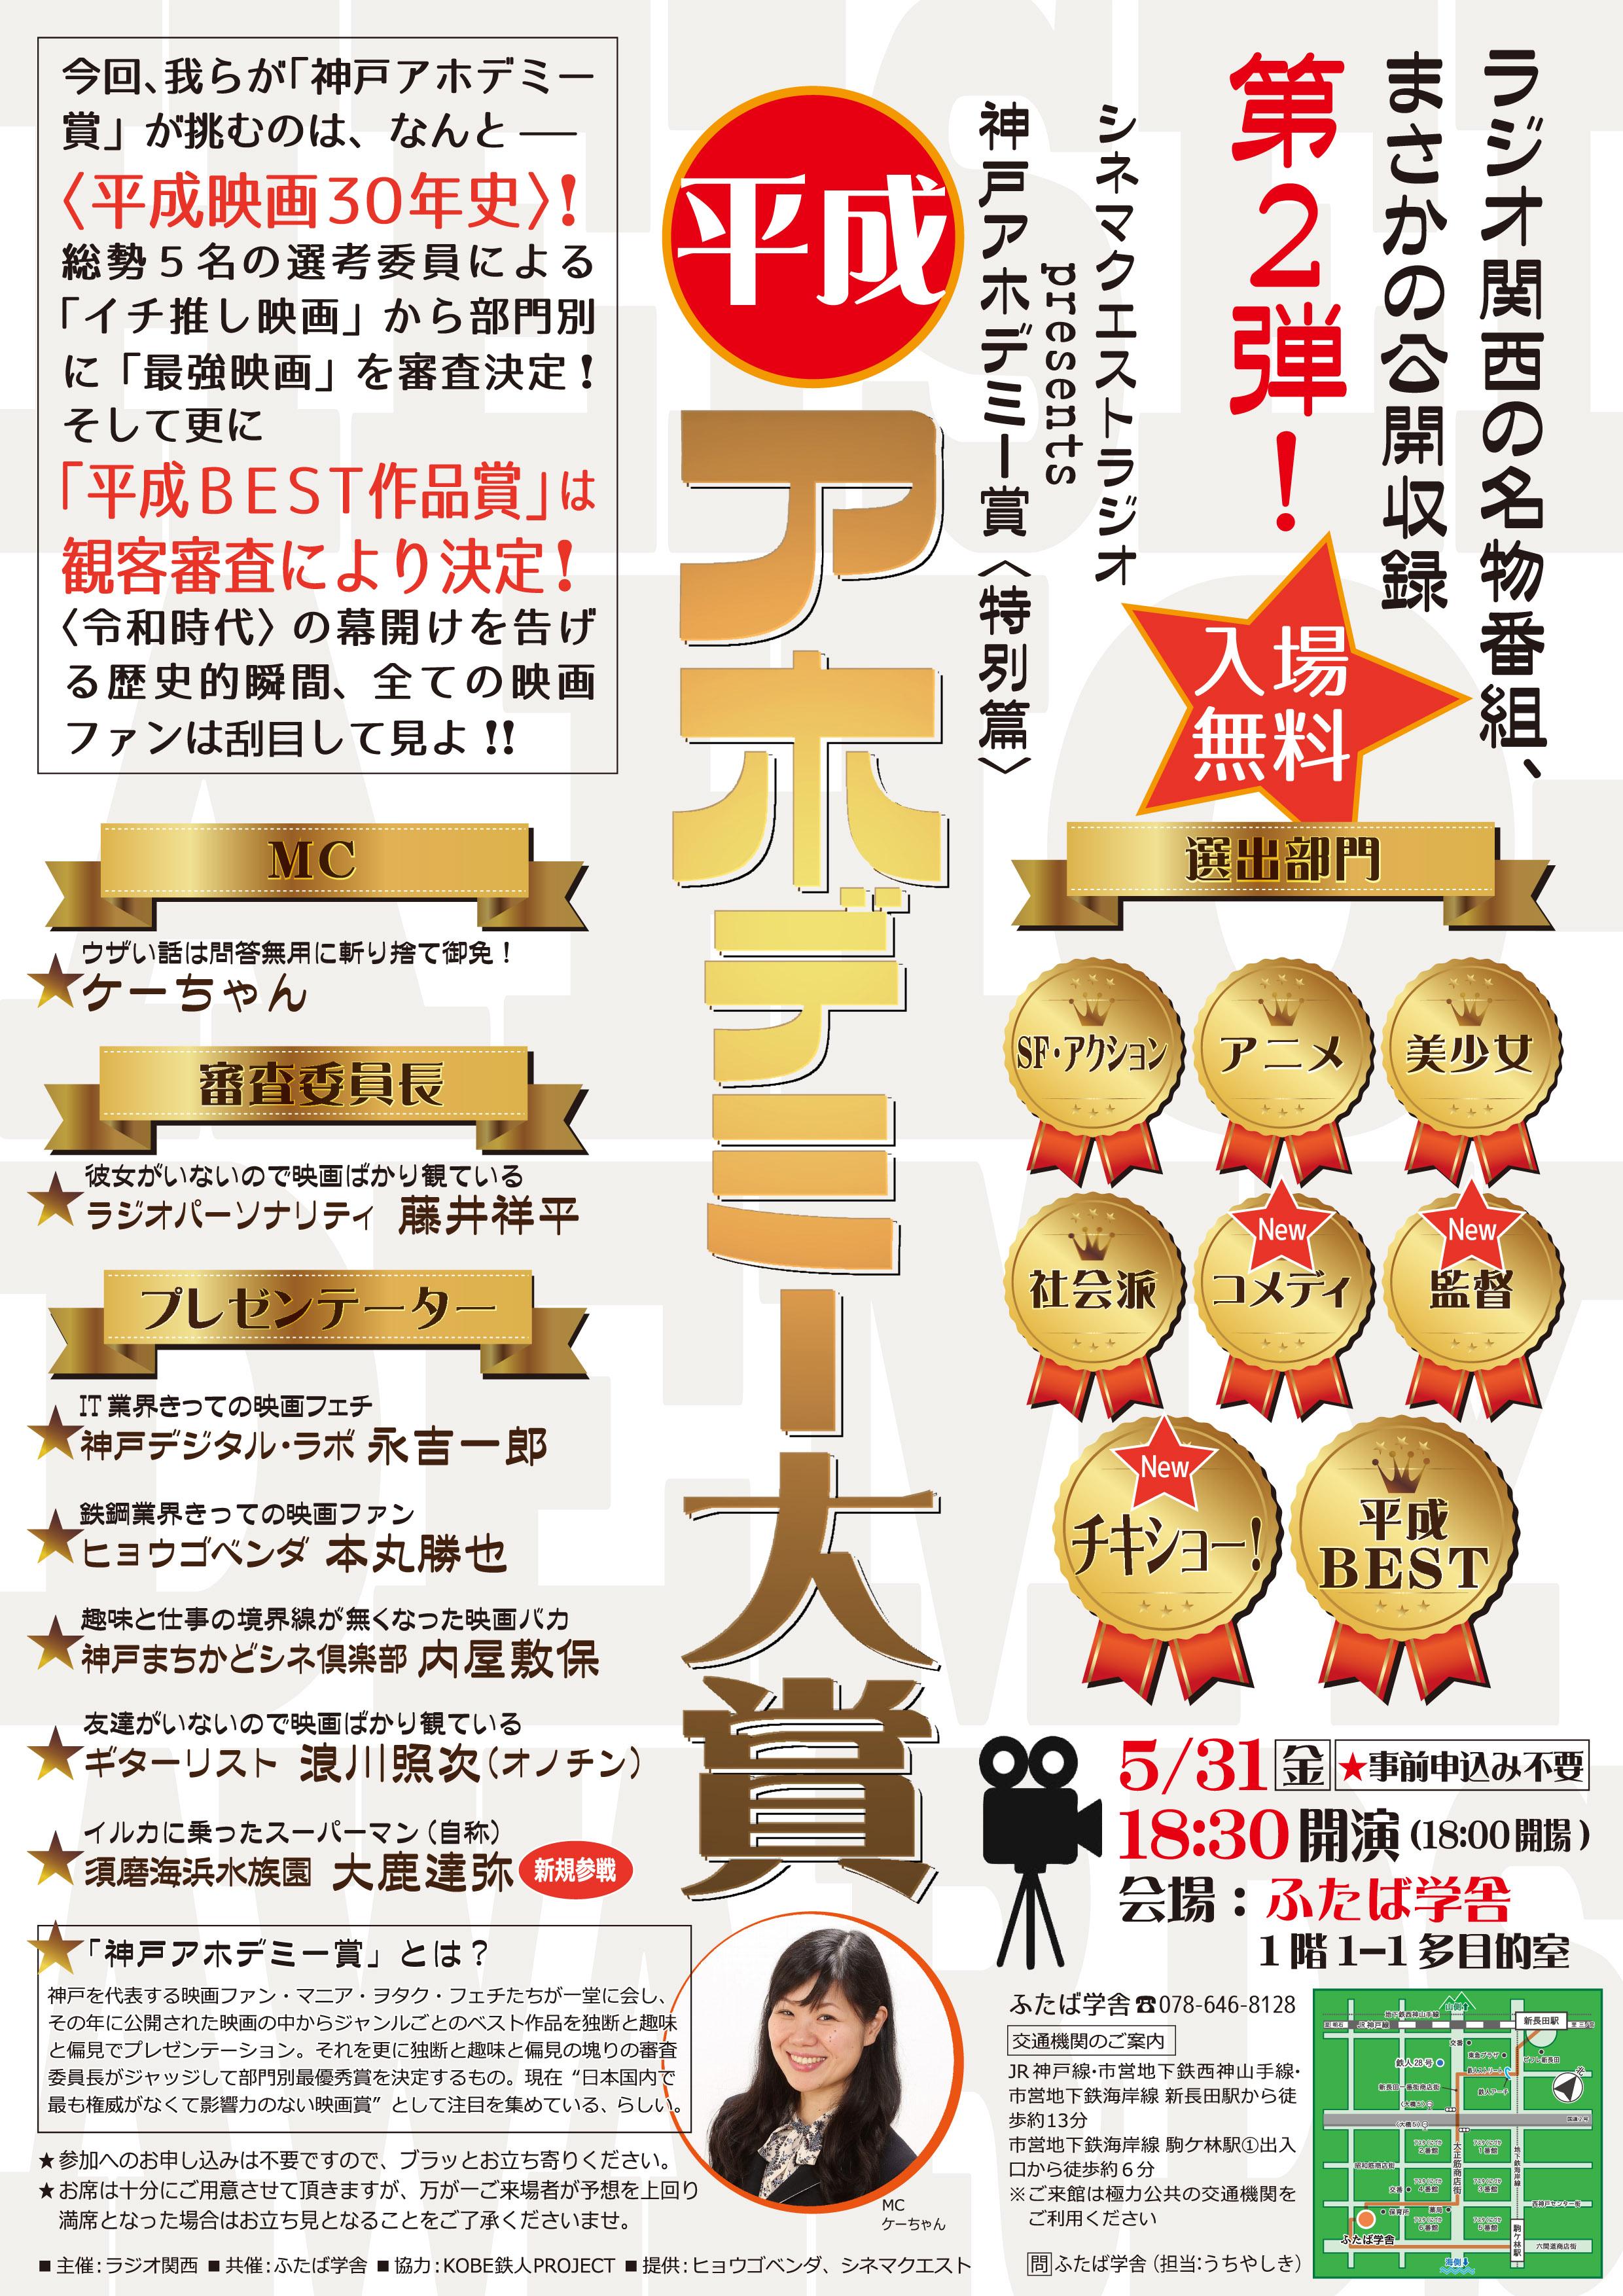 神戸アホデミー賞特別篇〈平成アホデミー大賞〉 @ ふたば学舎 1階1-1多目的室